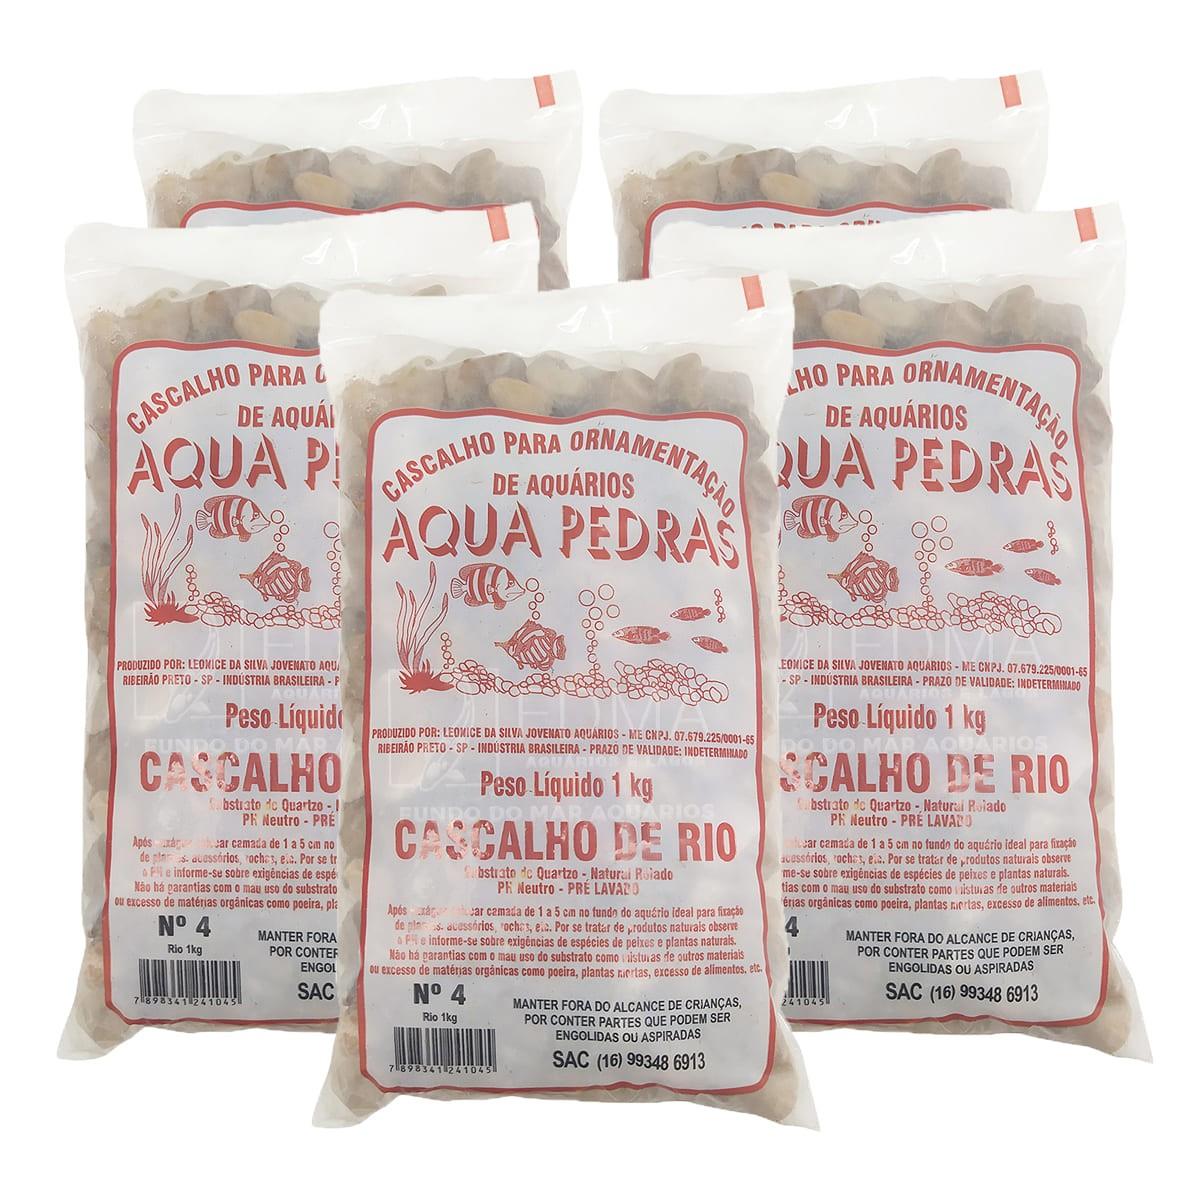 Cascalho de Rio Aqua Pedras para Aquários e Jardins N°4 -5kg